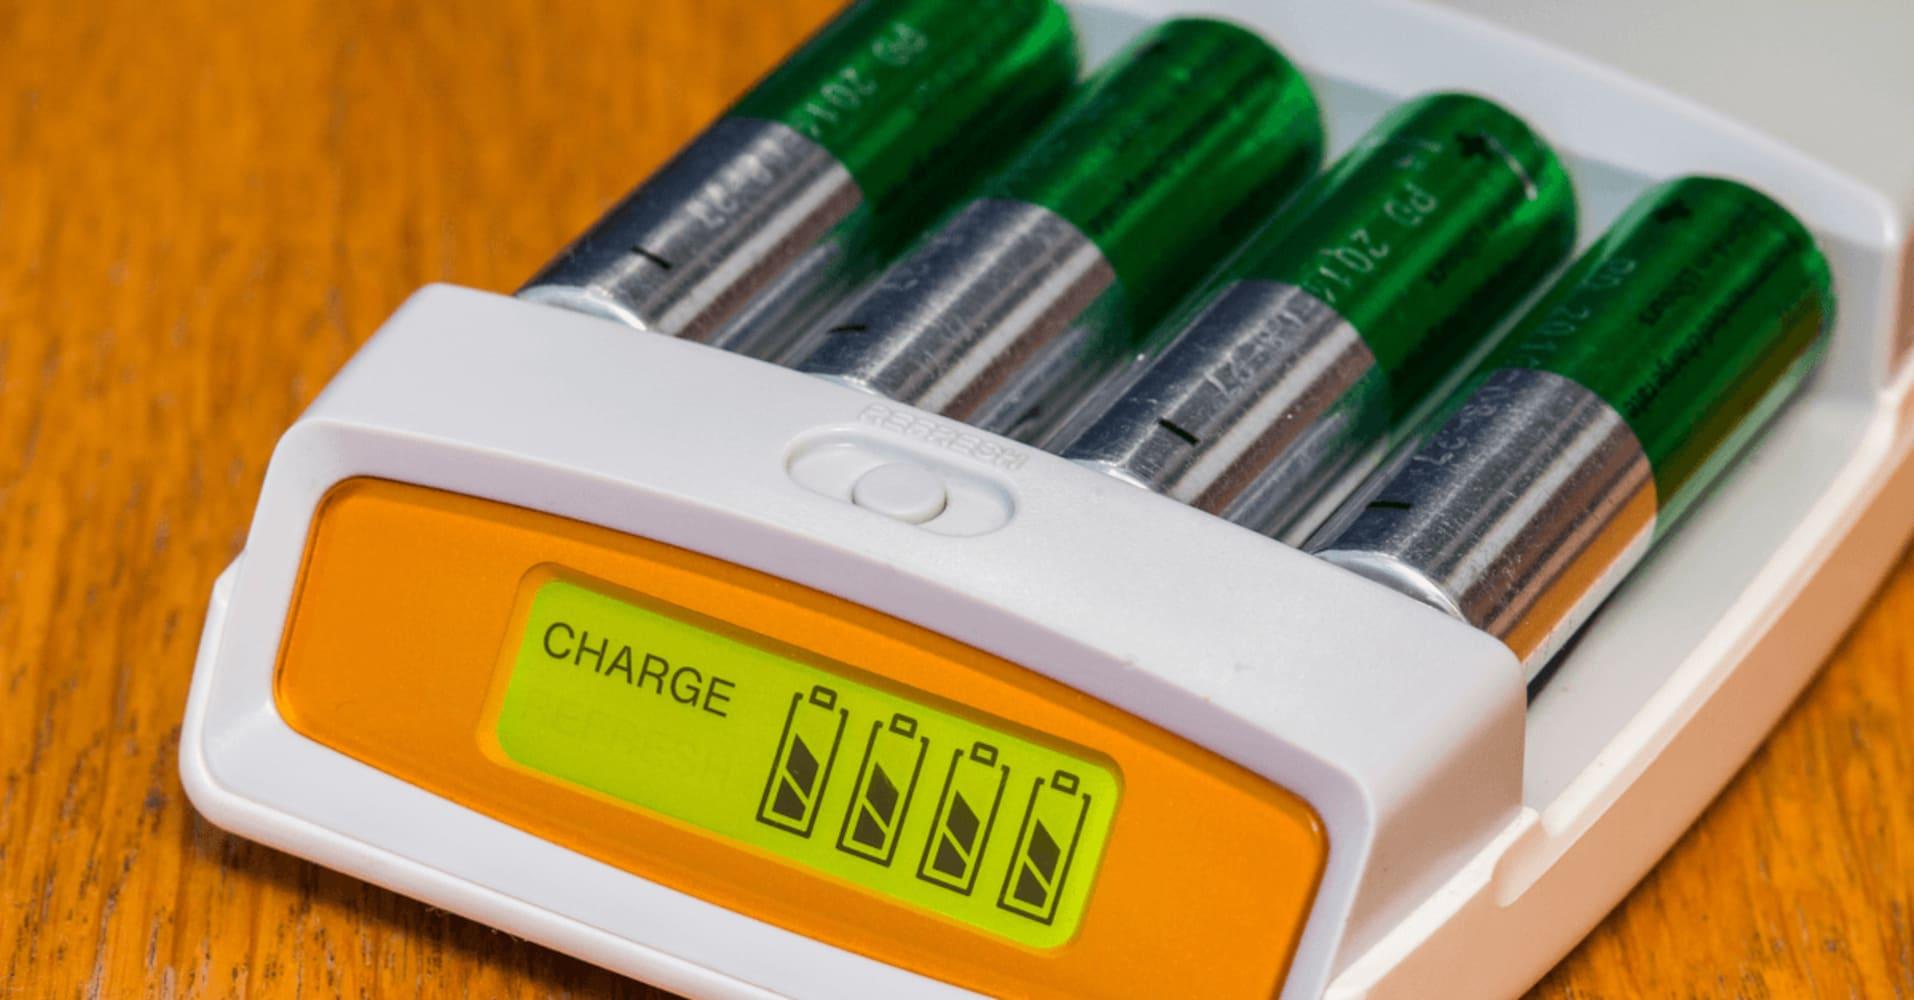 充電式電池とは?乾電池との比較やとメリットを紹介